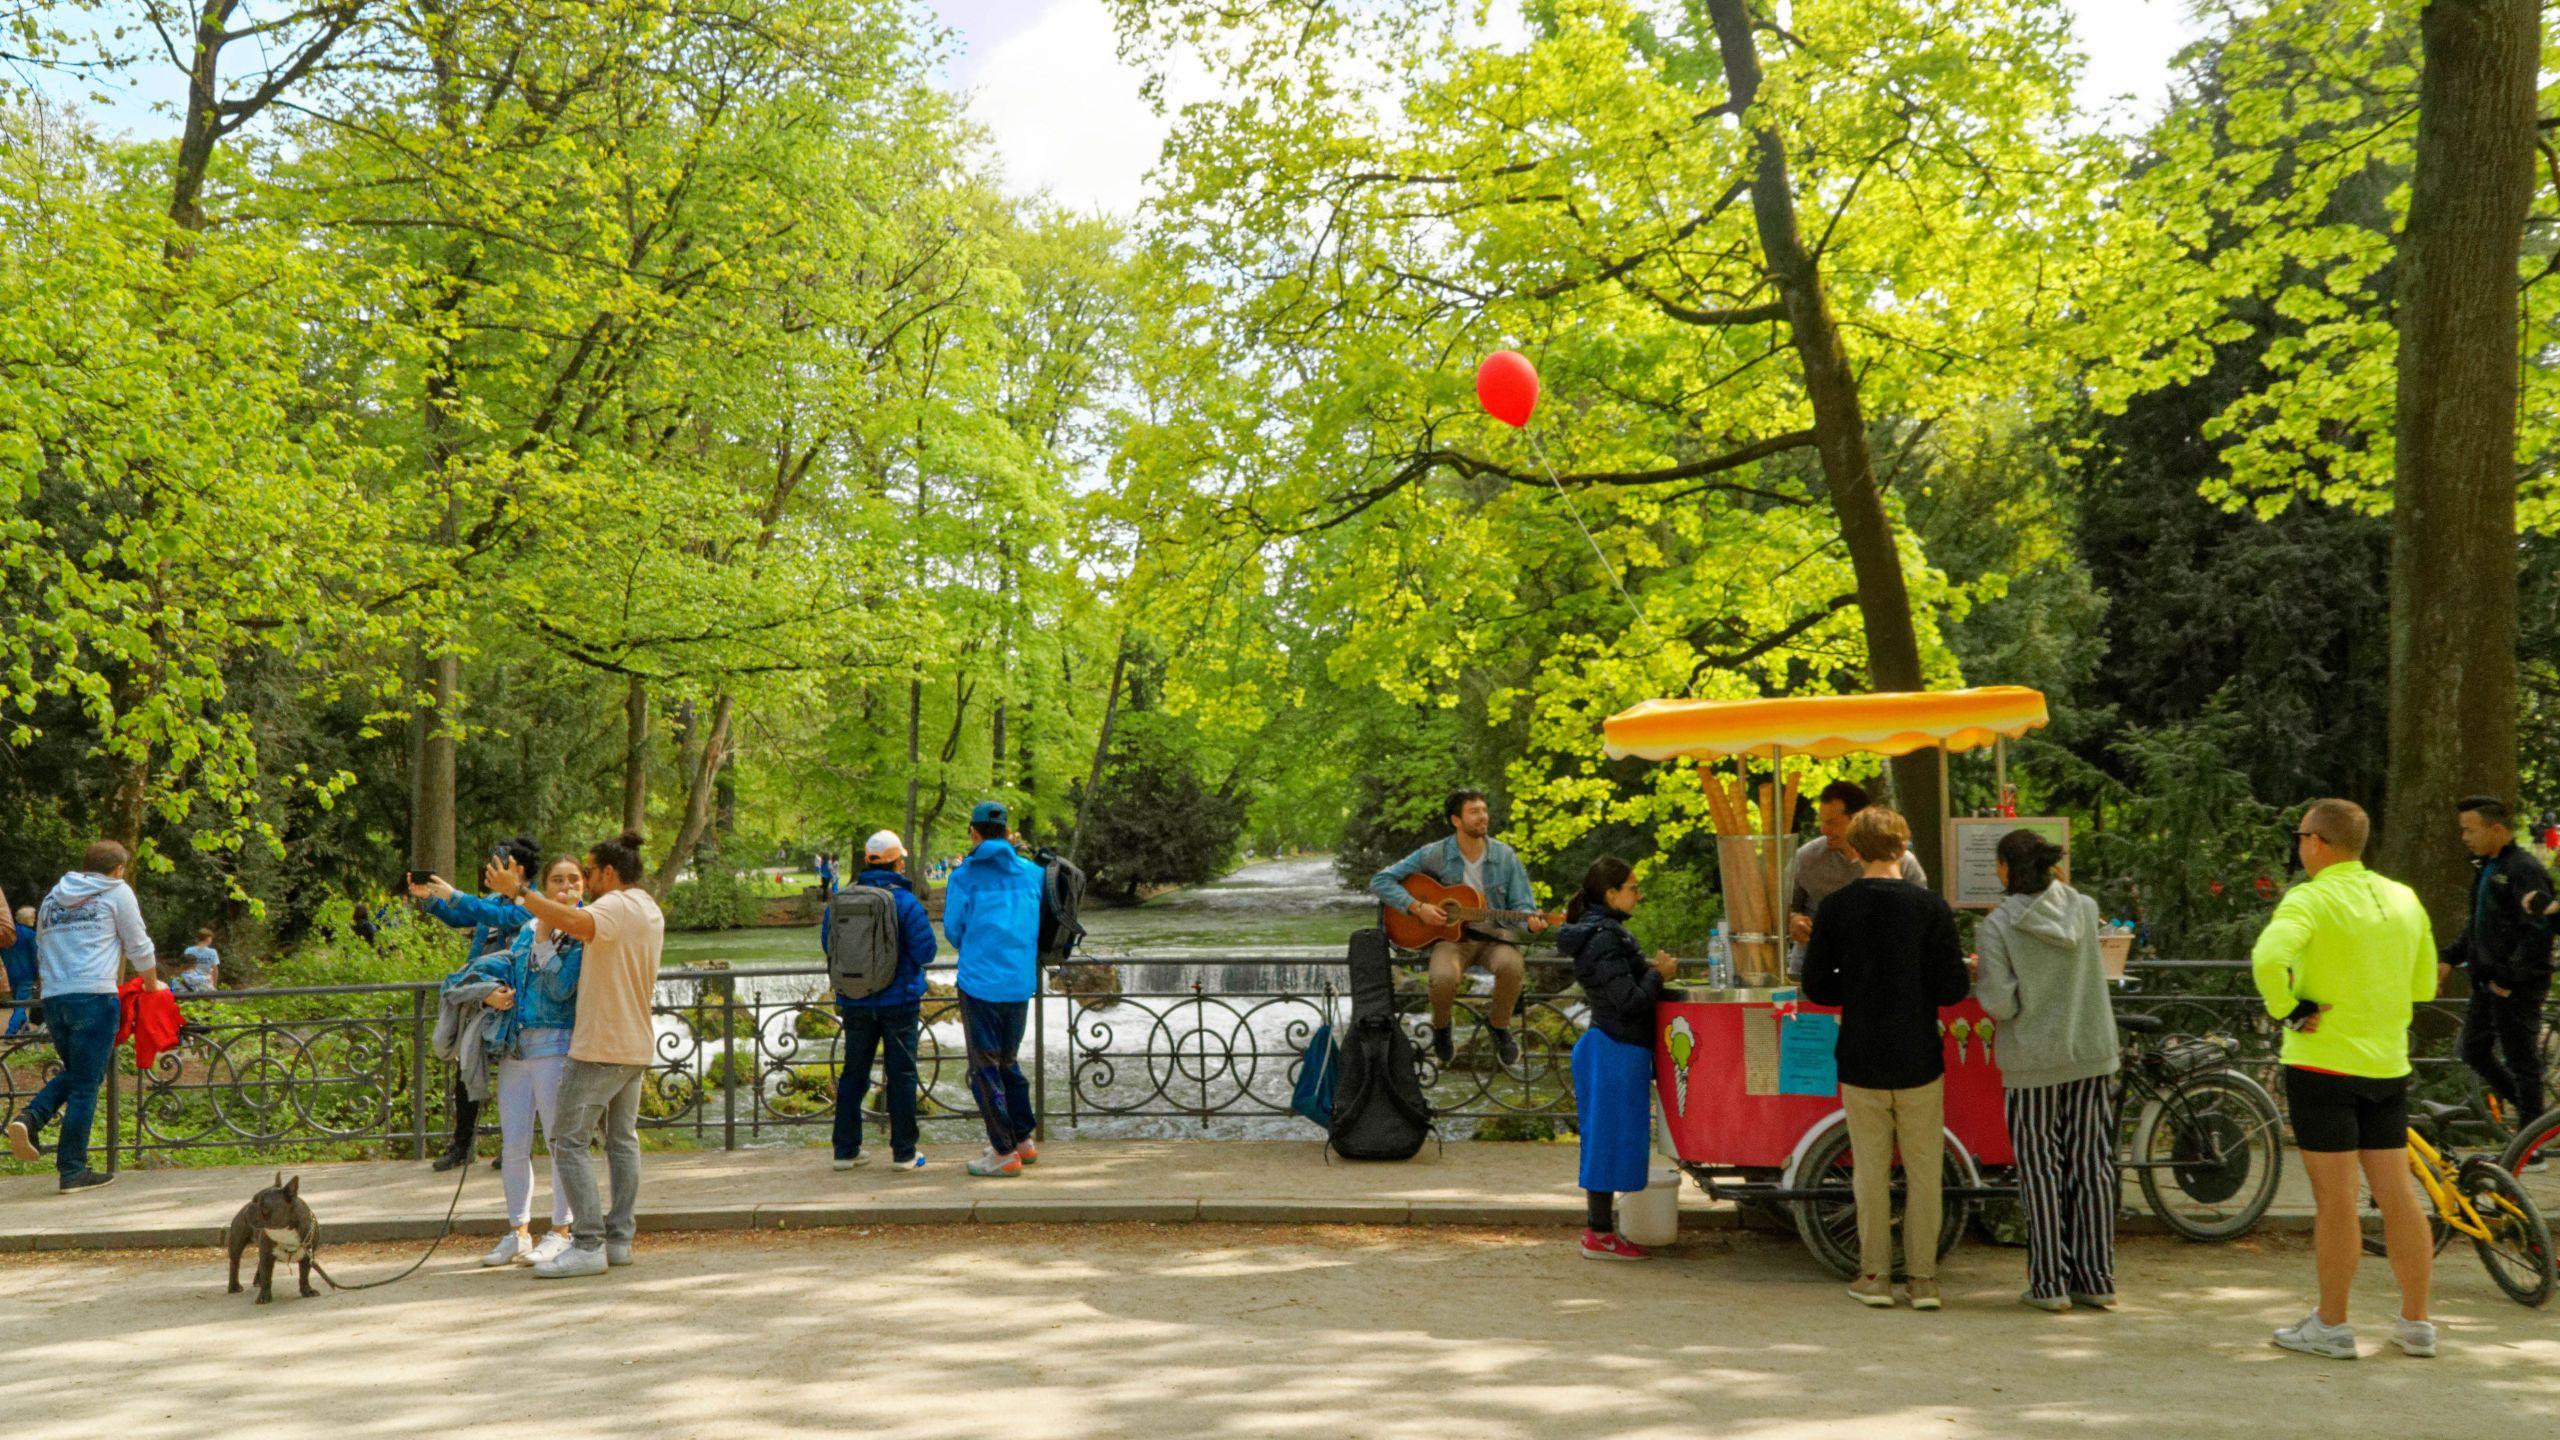 Englischer Garten Berlin Schön Visit Munich S English Garden